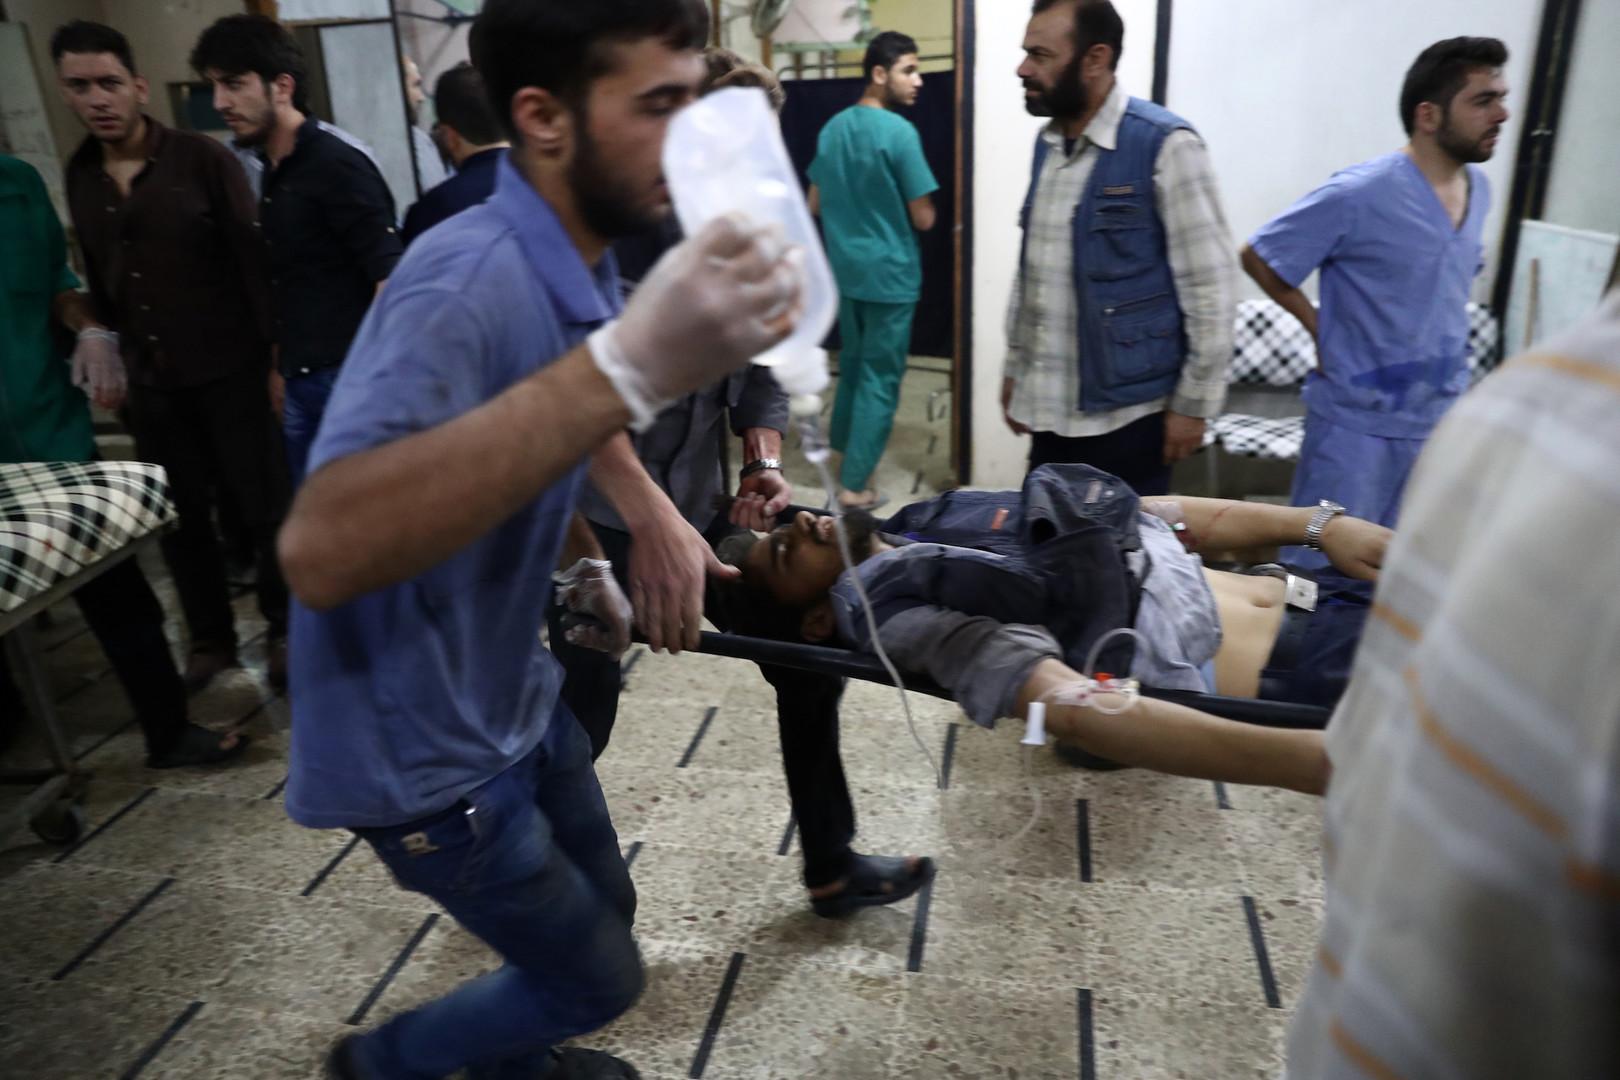 Syrie : 22 personnes tuées dans un attentat suicide ciblant un mariage